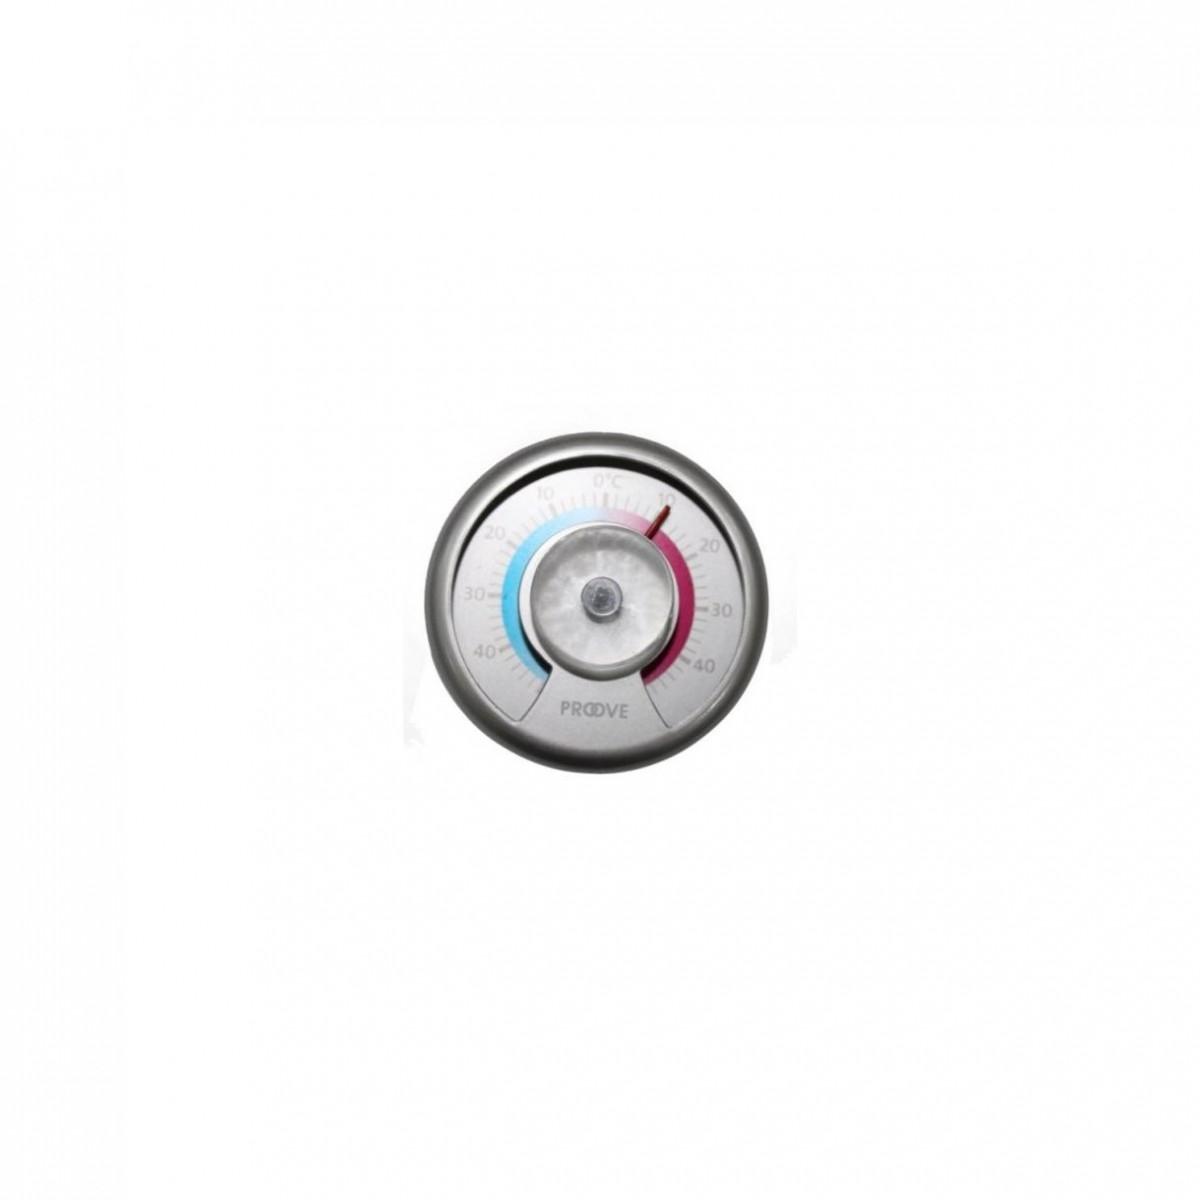 CONZEPT Vinduetermometer med sugekop ø 7,5 cm